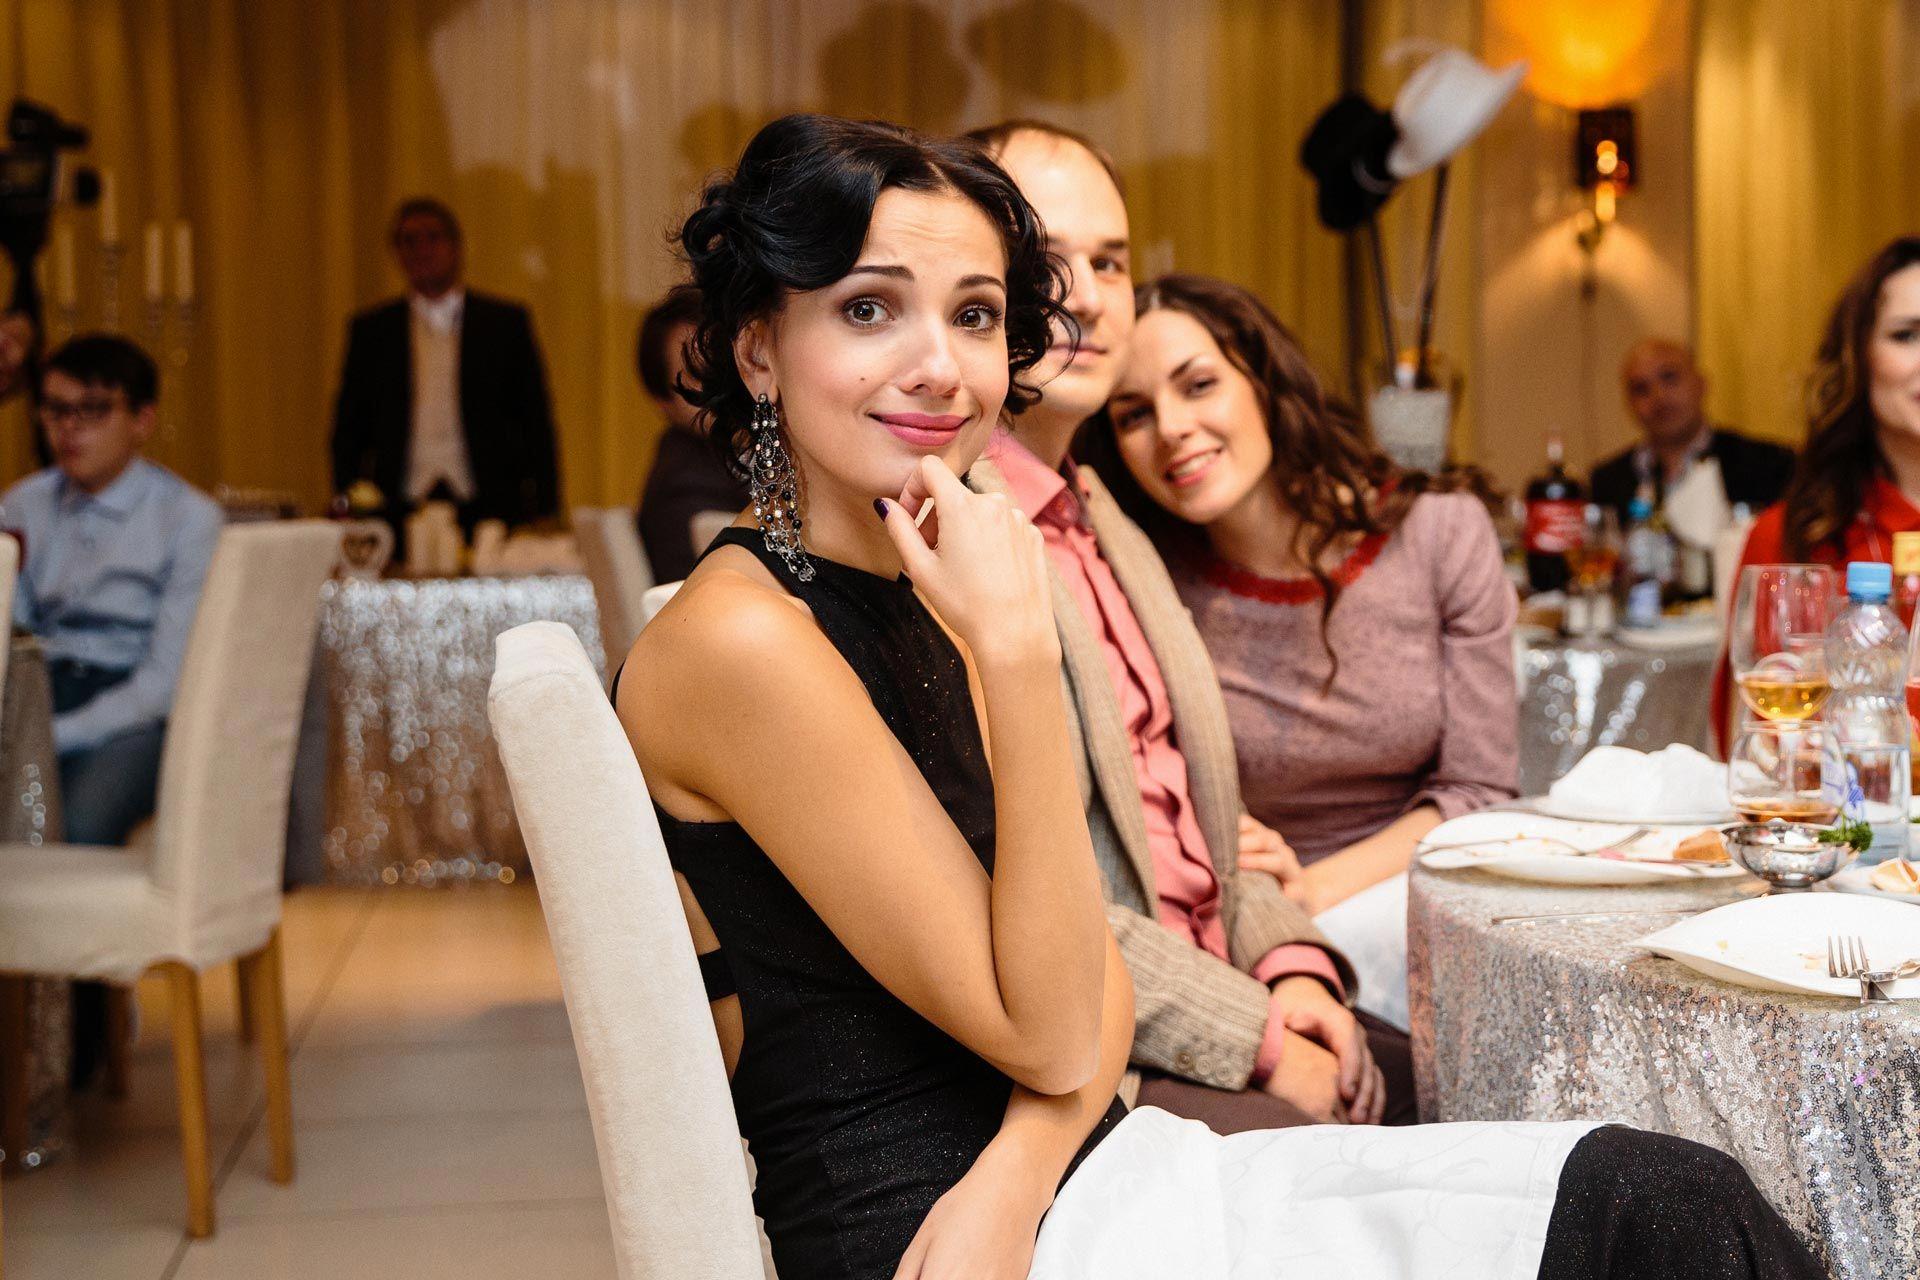 Свадьба Карины Мишулиной и Ивана Коробова, фото 8